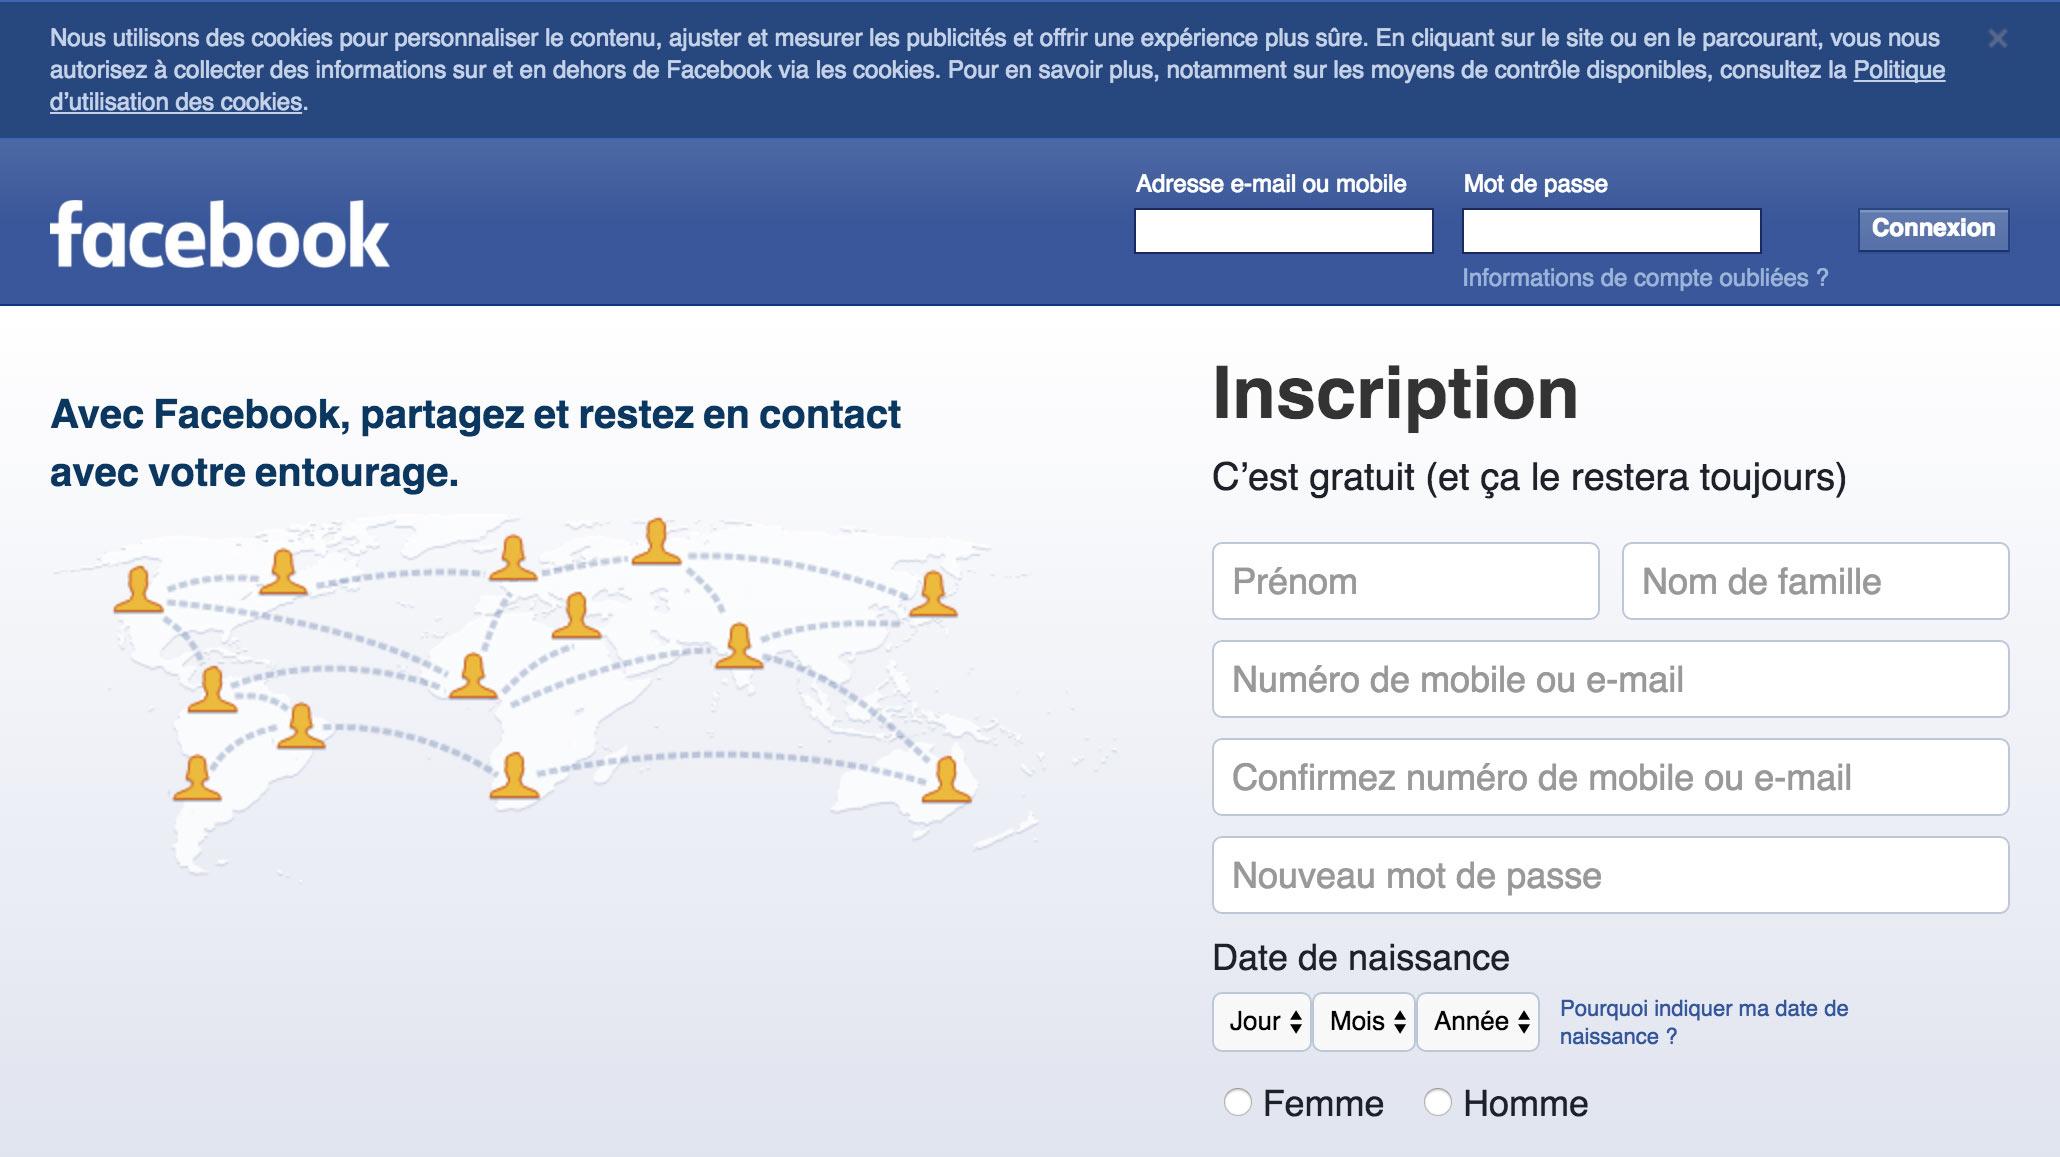 Le message informant les utilisateurs de l'emploi par Facebook de cookies.